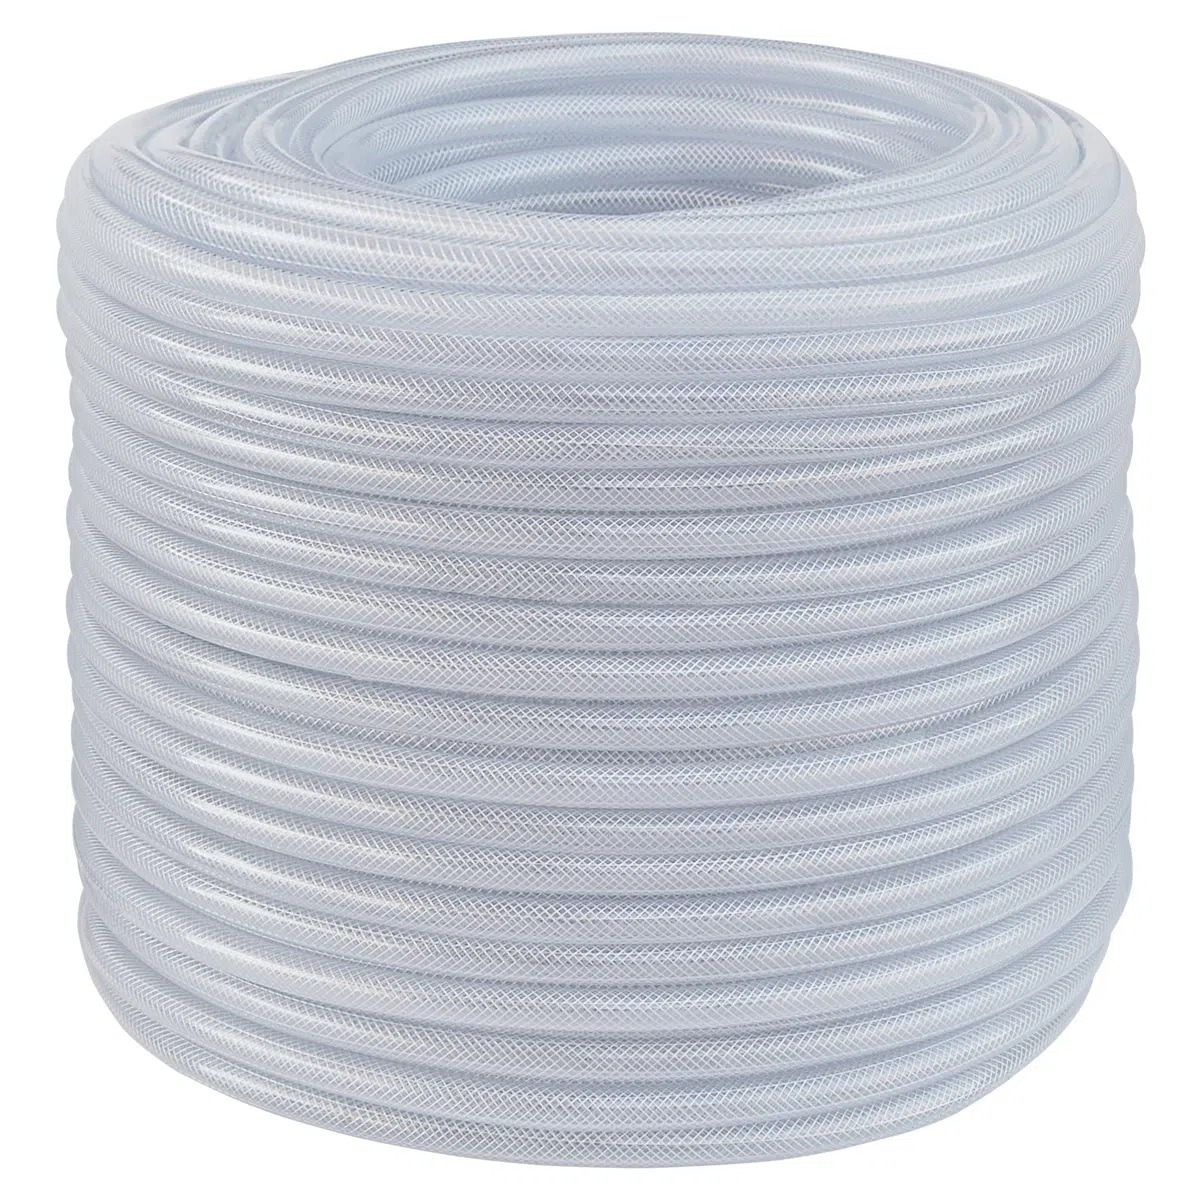 Mangueira Flex Tramontina 34 em PVC 100 Metros 3 Camadas - Branco